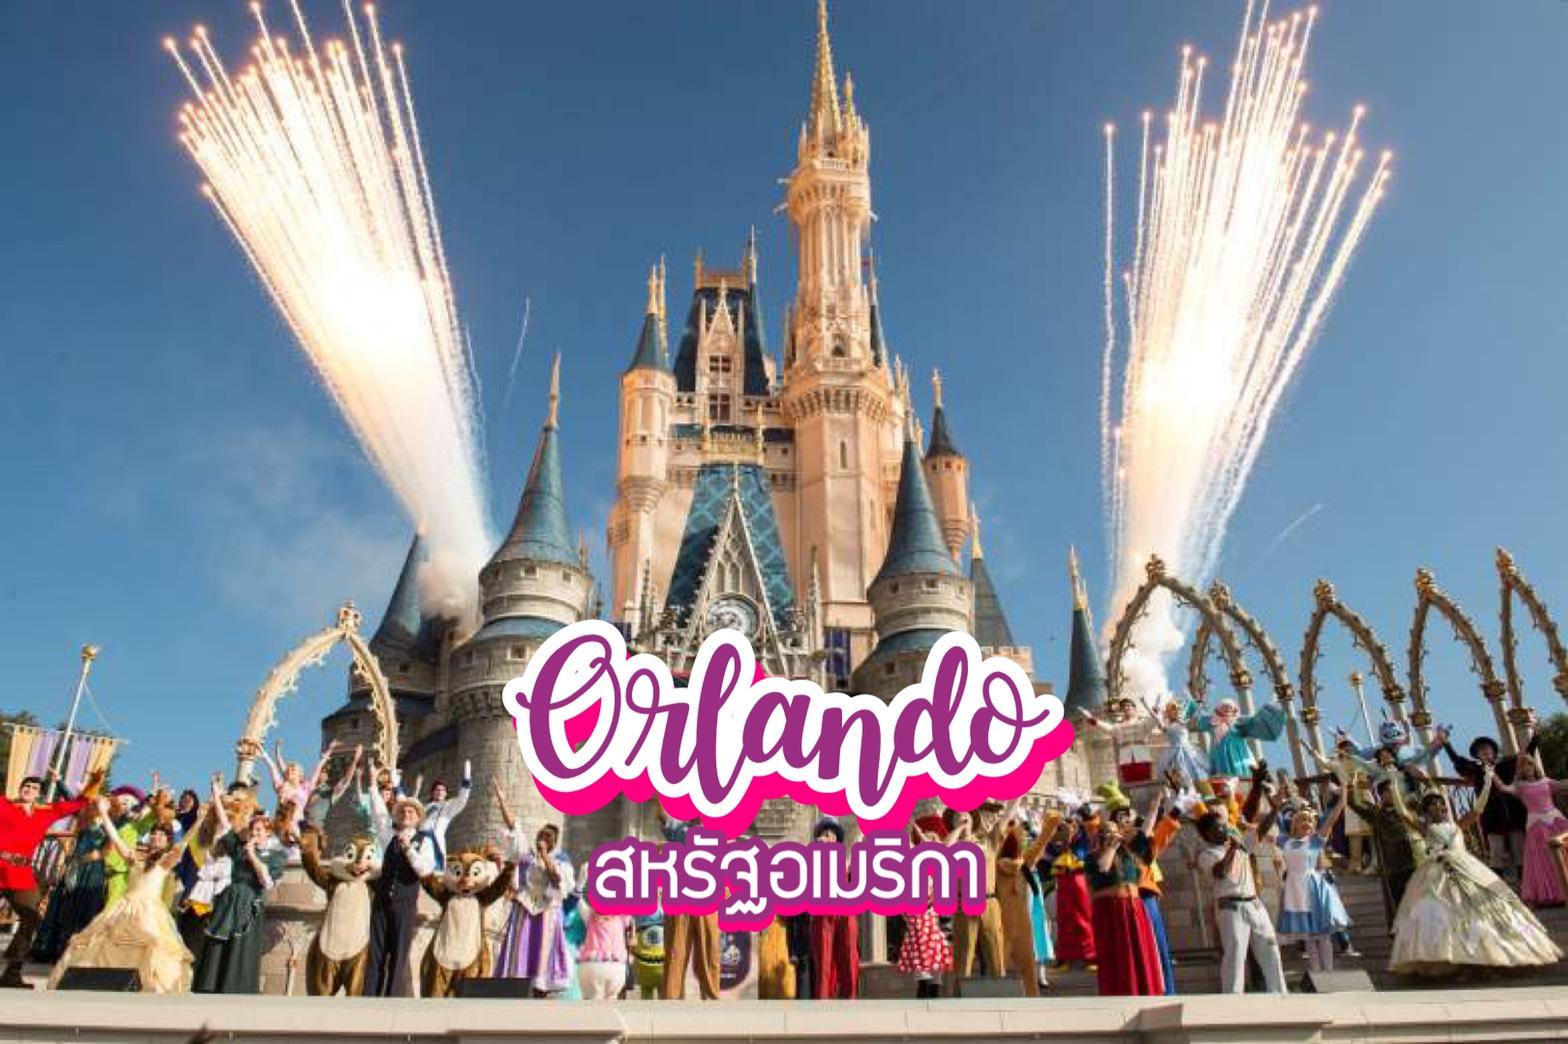 7 สุดยอดสถานที่ท่องเที่ยวในออร์แลนโด Orlando ฟลอริด้า สหรัฐอเมริกา